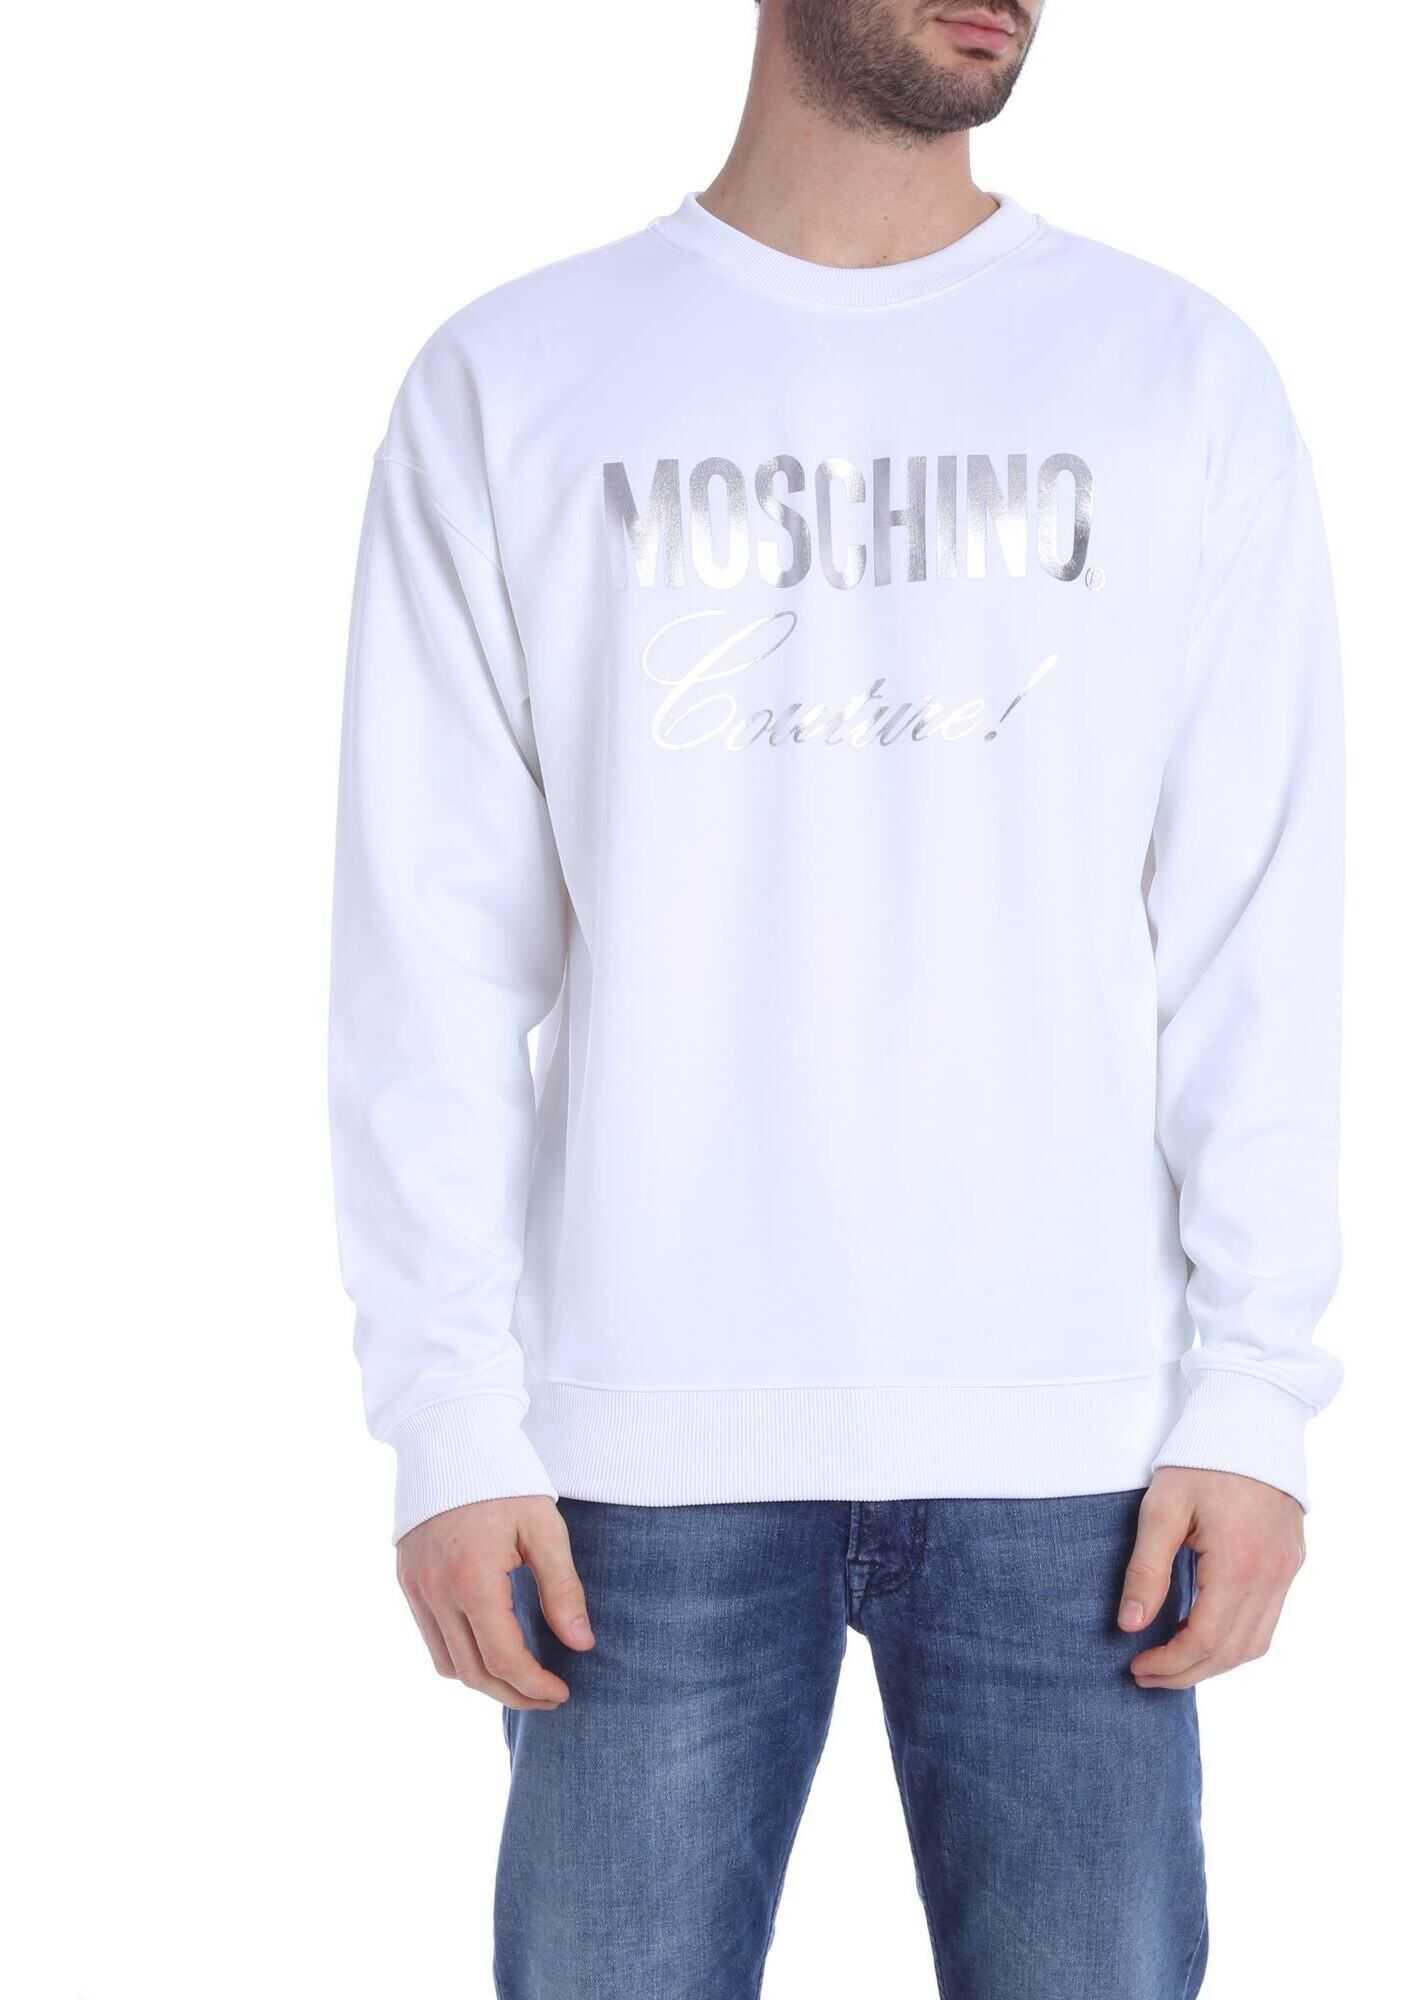 Moschino Moschino Couture Print Sweatshirt White White imagine